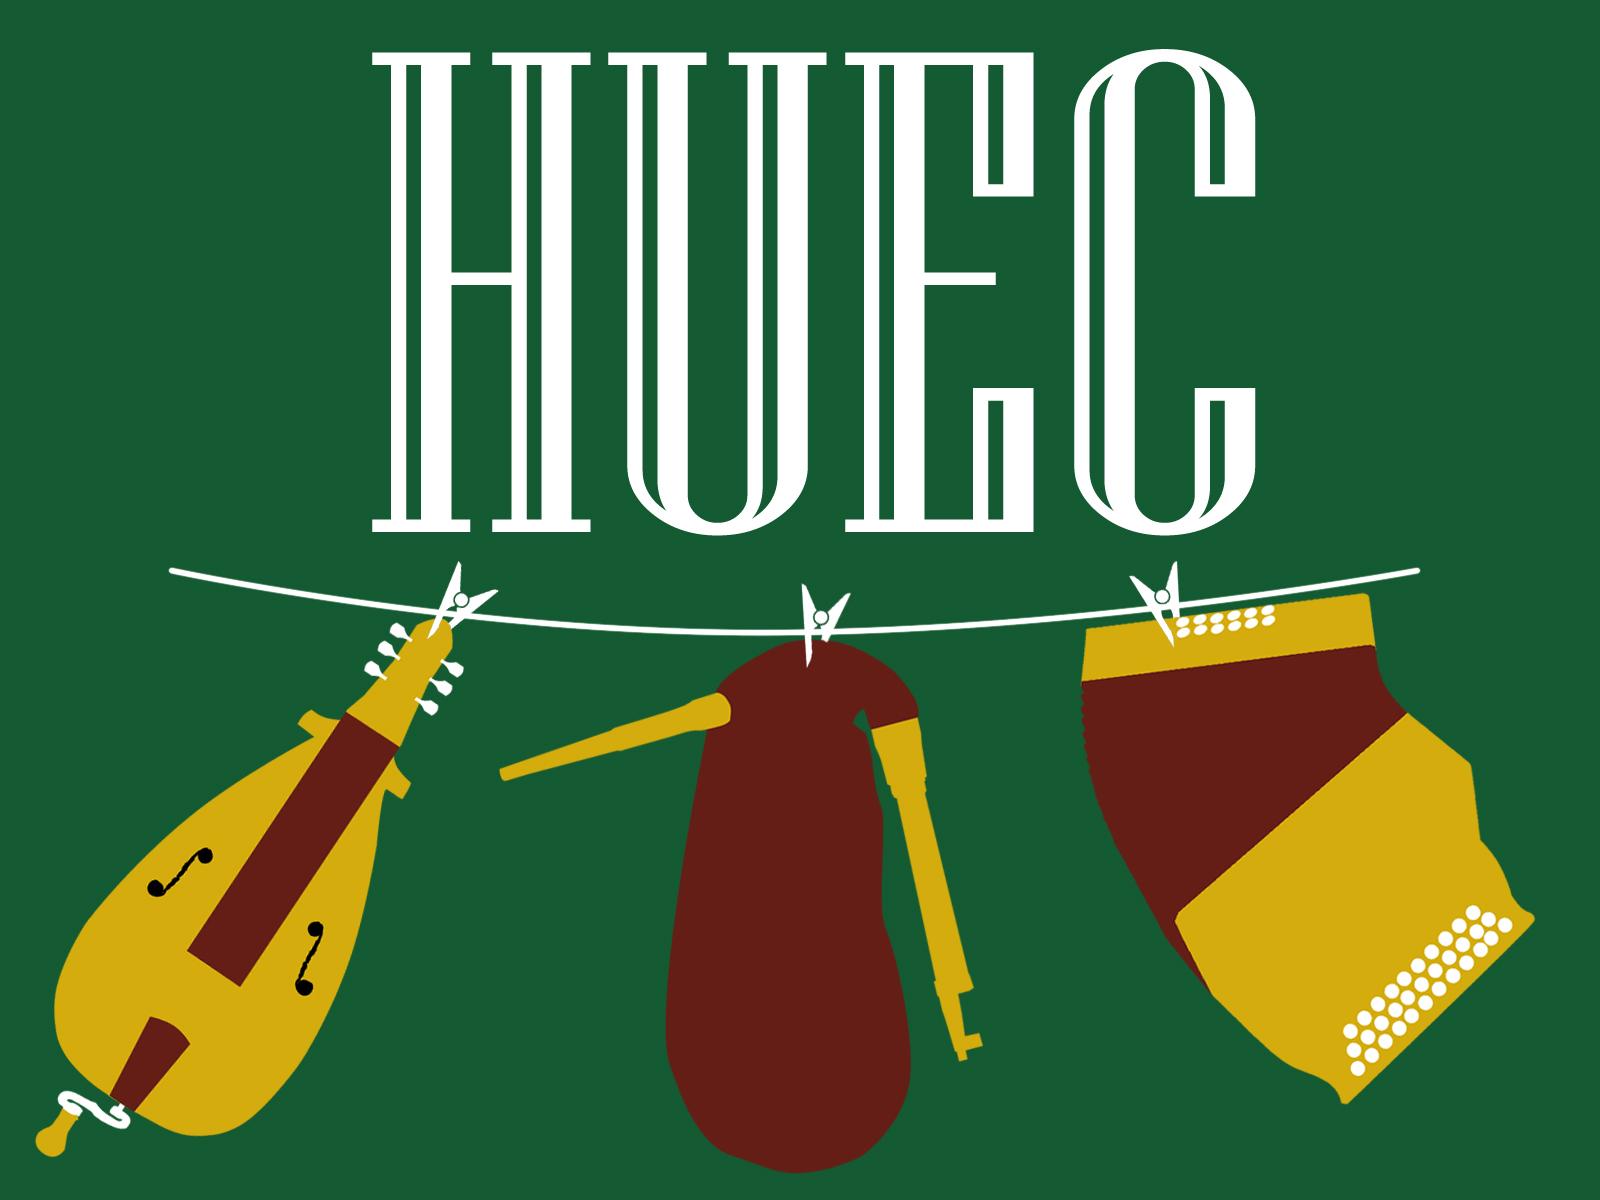 Huec-flat